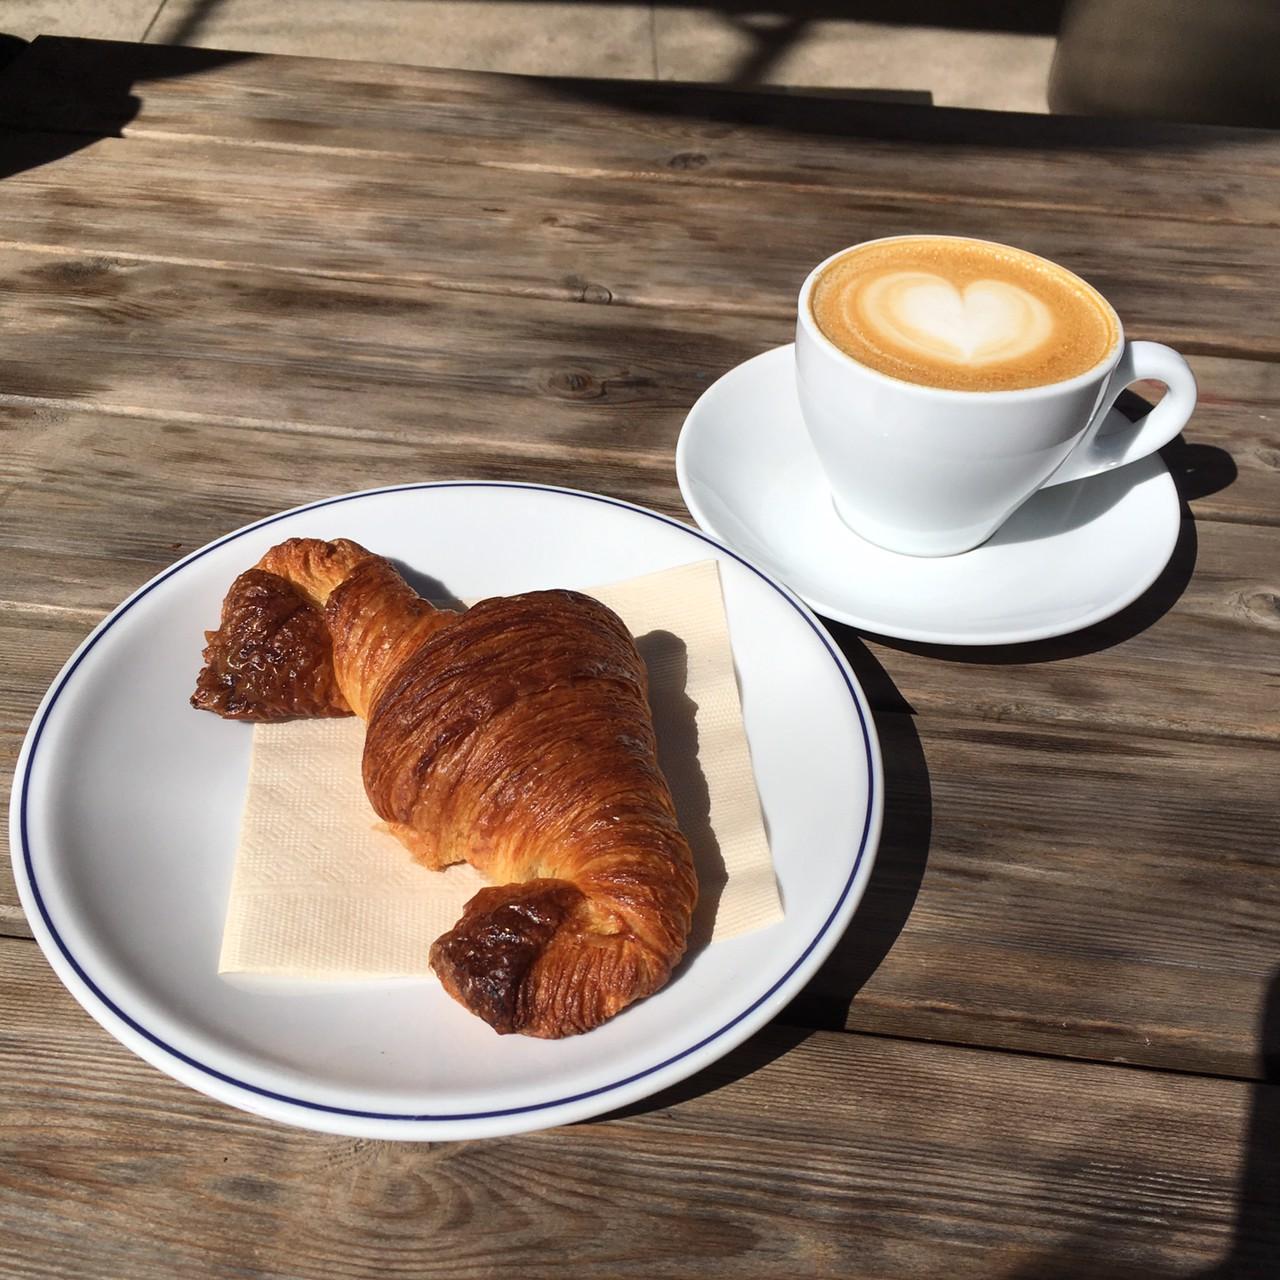 bricolage bread & co. クロワッサンとコーヒー